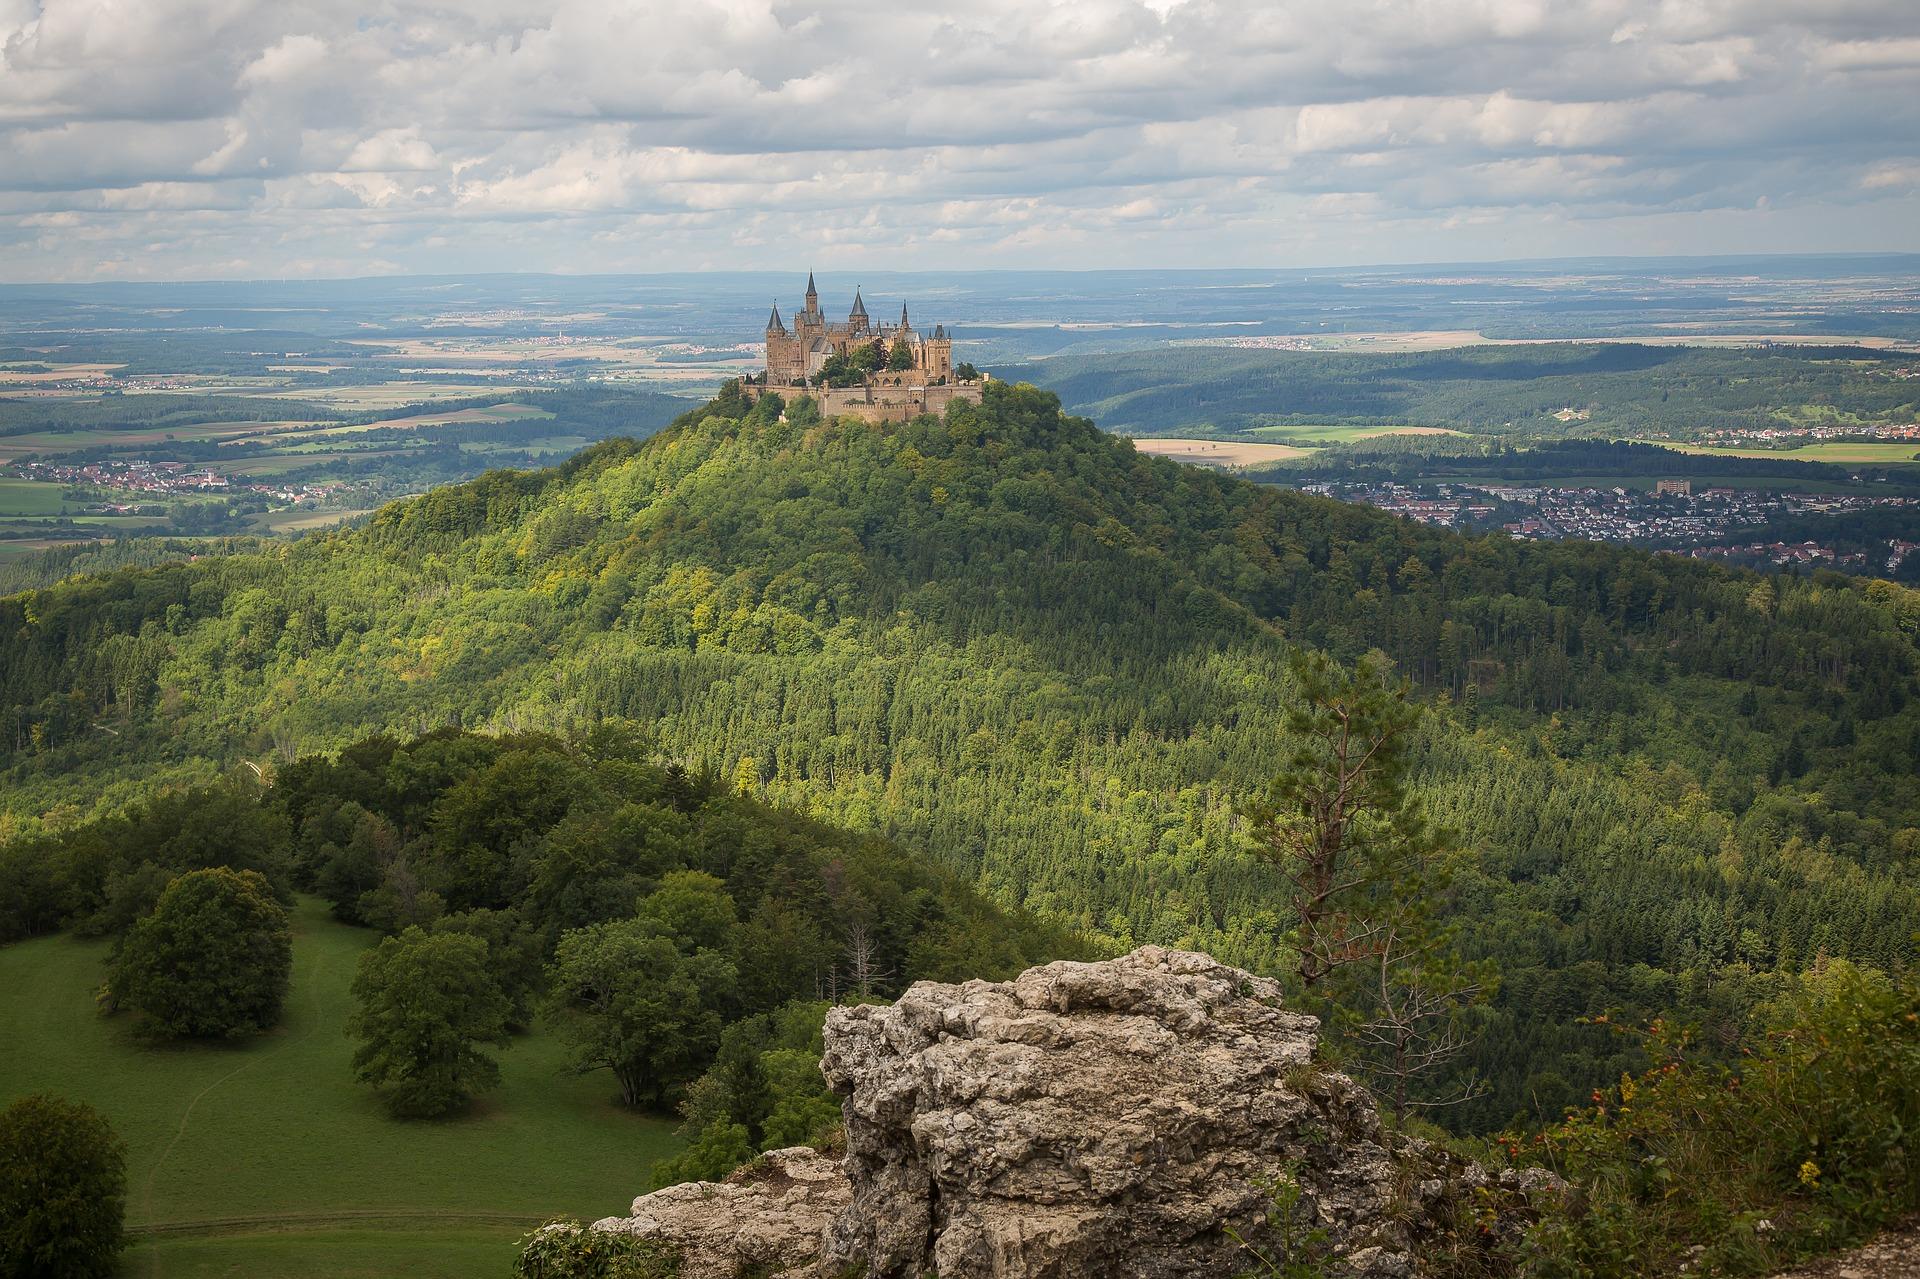 Die schwäbische Alb mit Schloss Hohenzollern